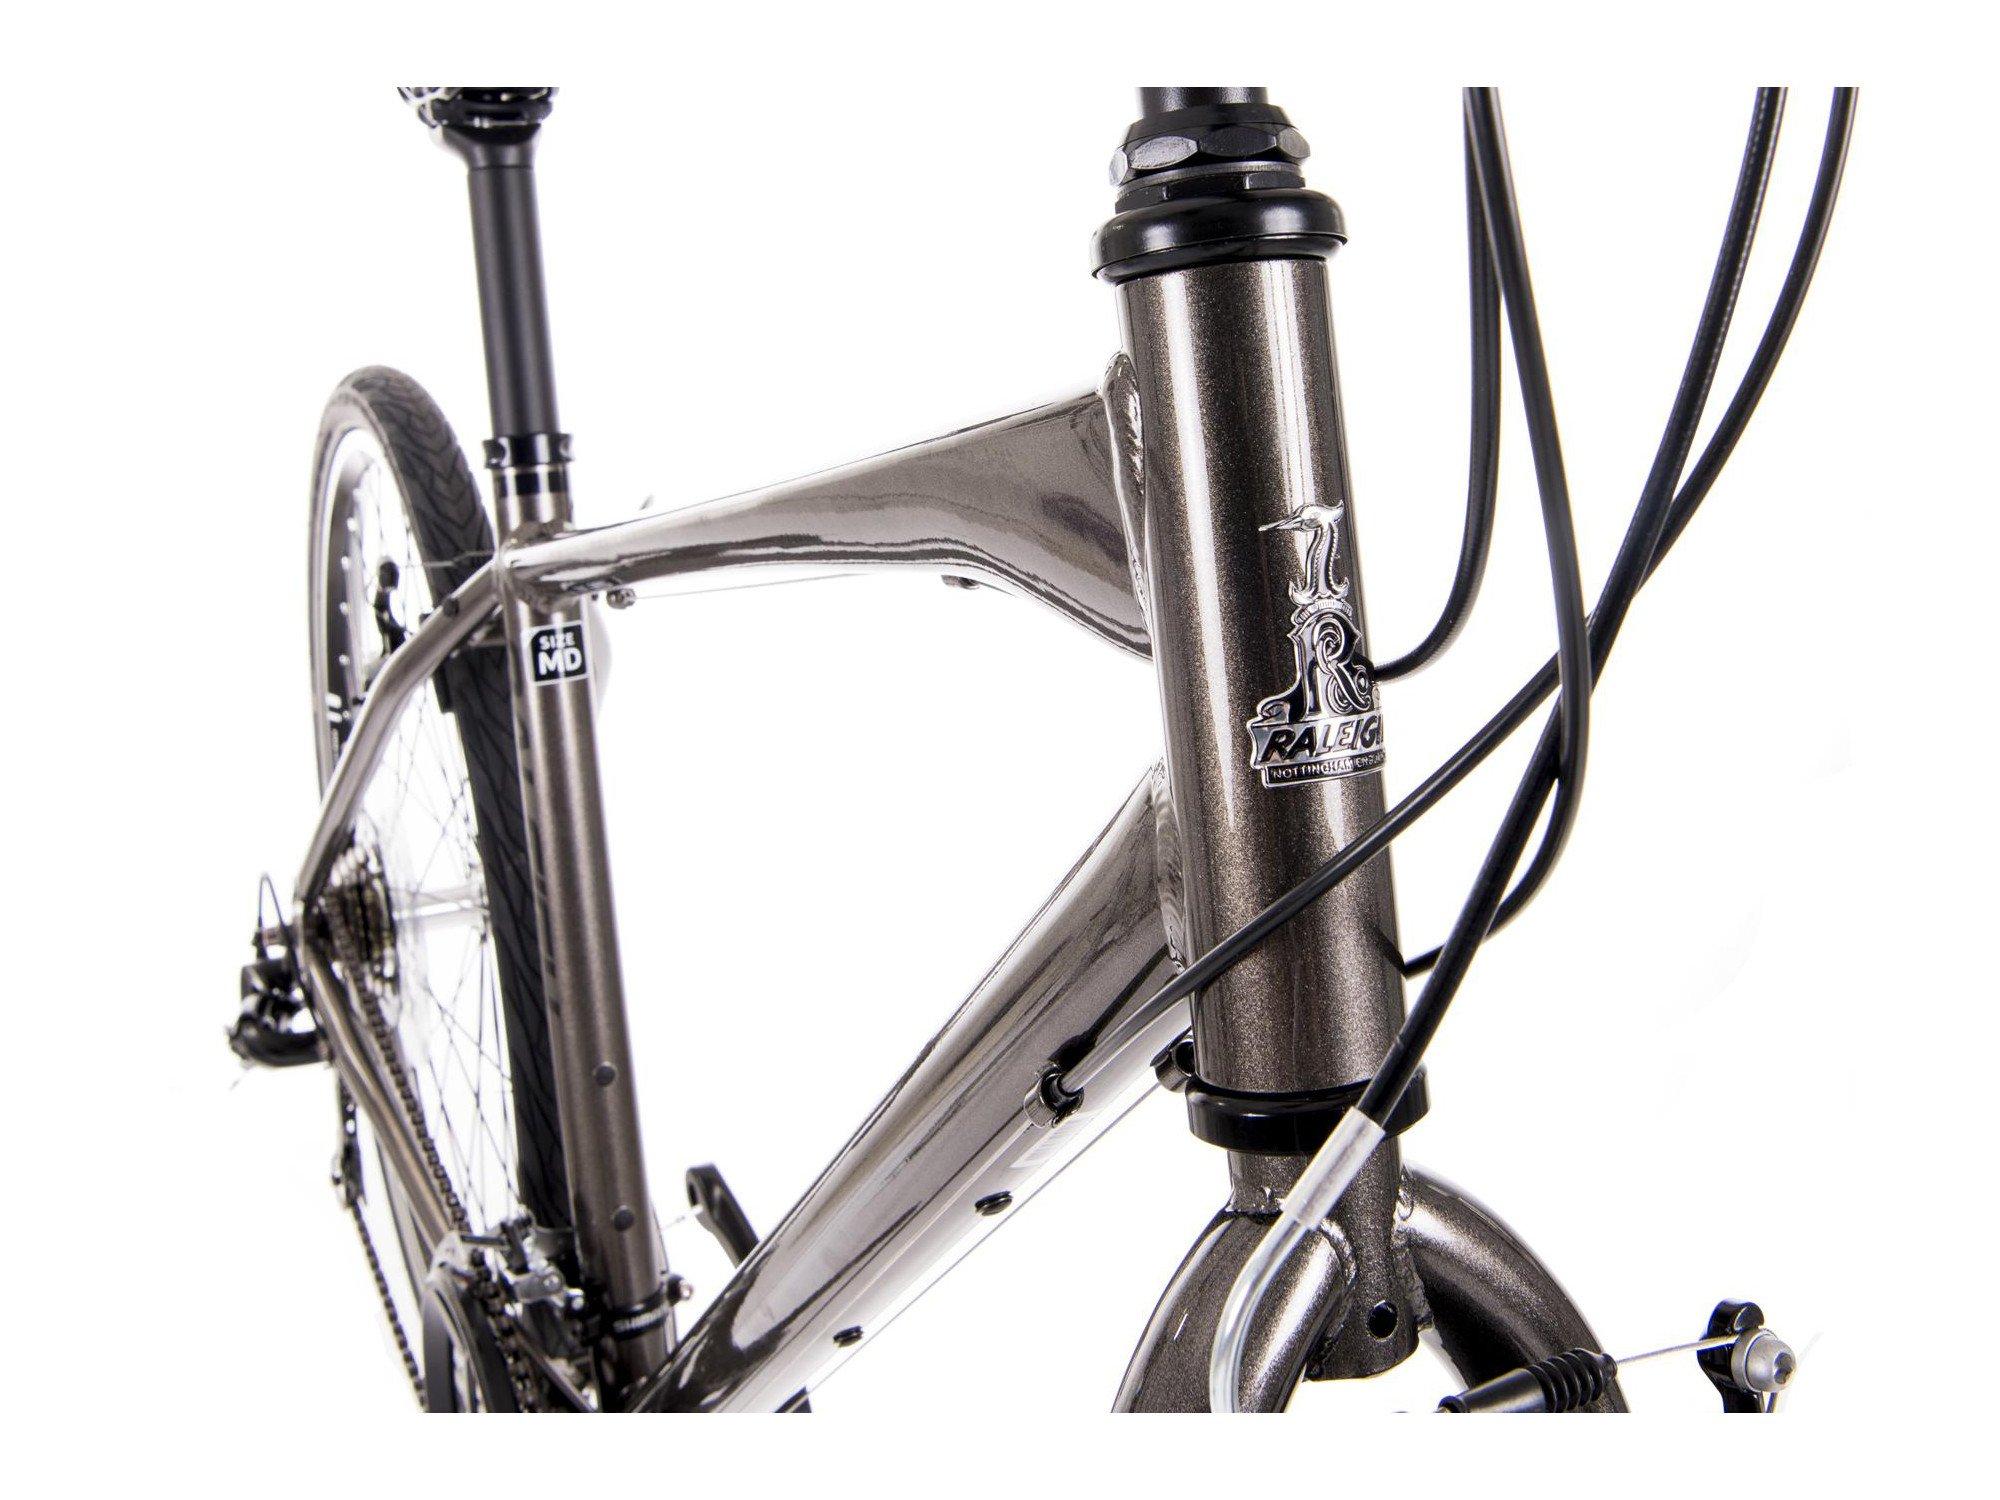 Raleigh Strada 1 – Bicicleta híbrida de 650B 21 velocidades bicicleta gris, gris: Amazon.es: Deportes y aire libre